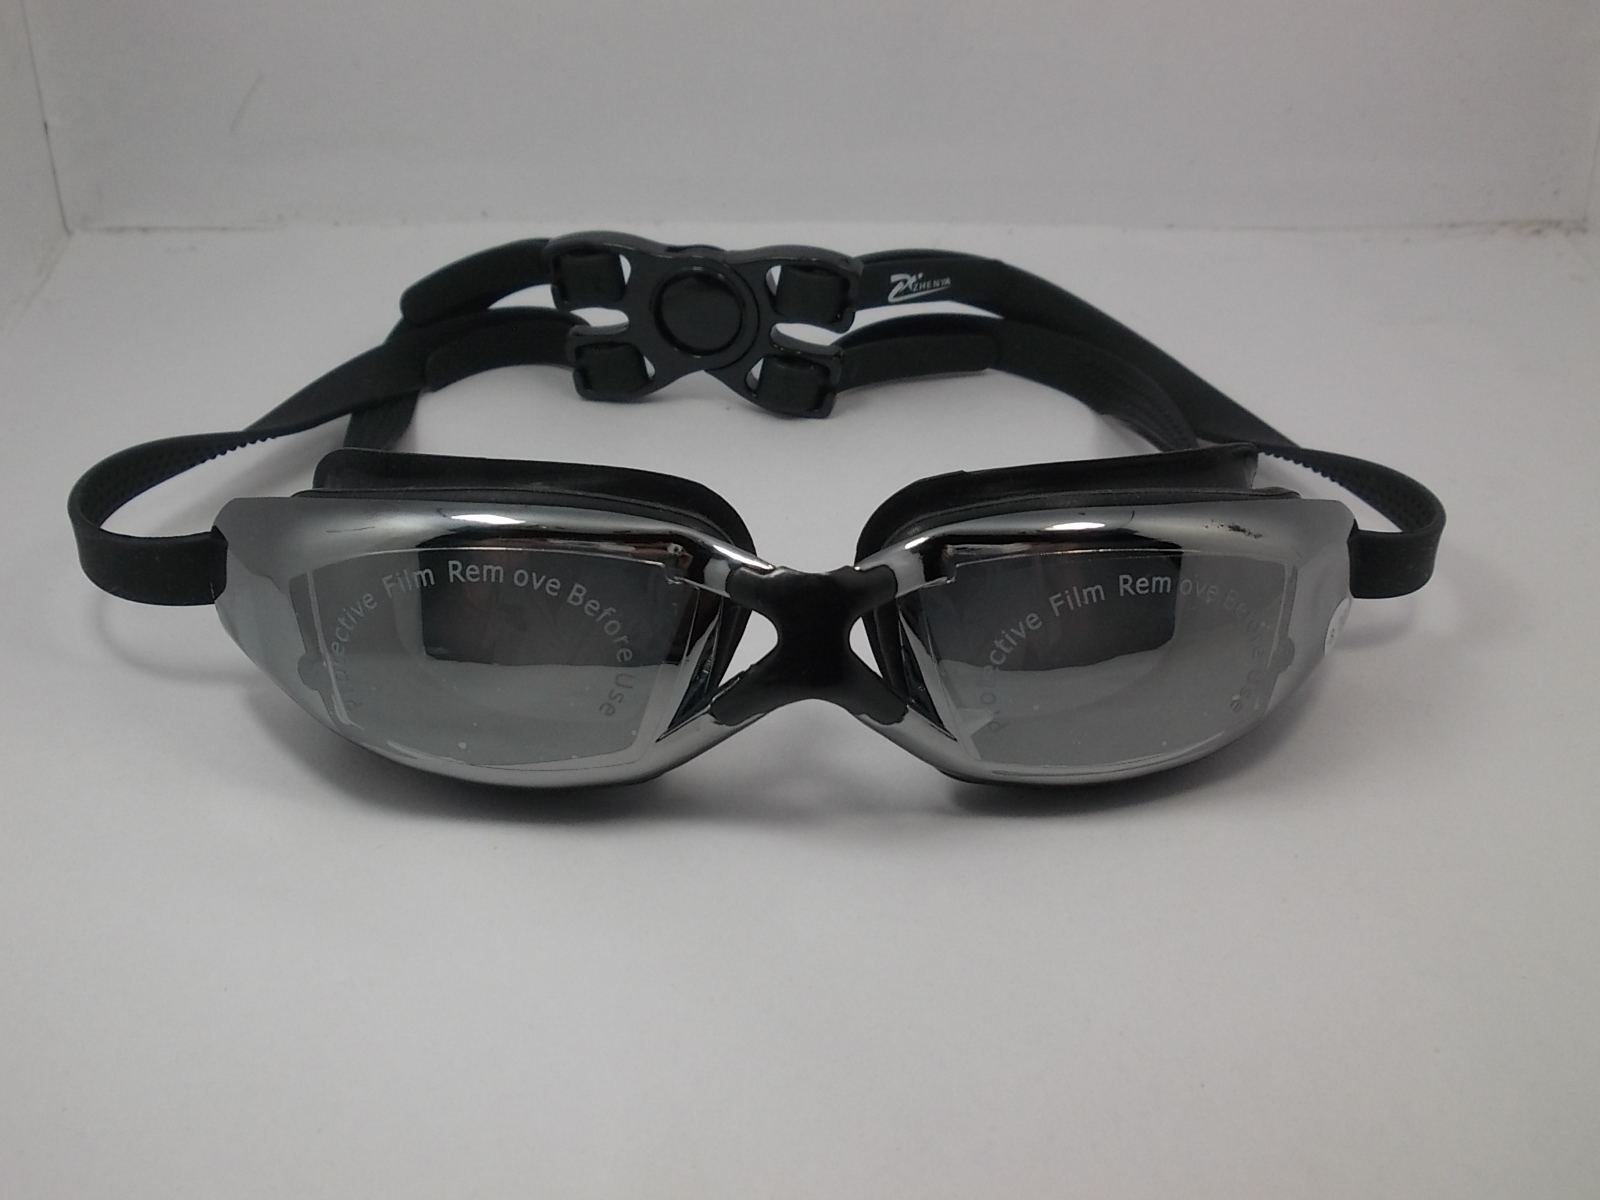 แว่นตาว่ายน้ำสำหรับคนสายตาสั้น 03